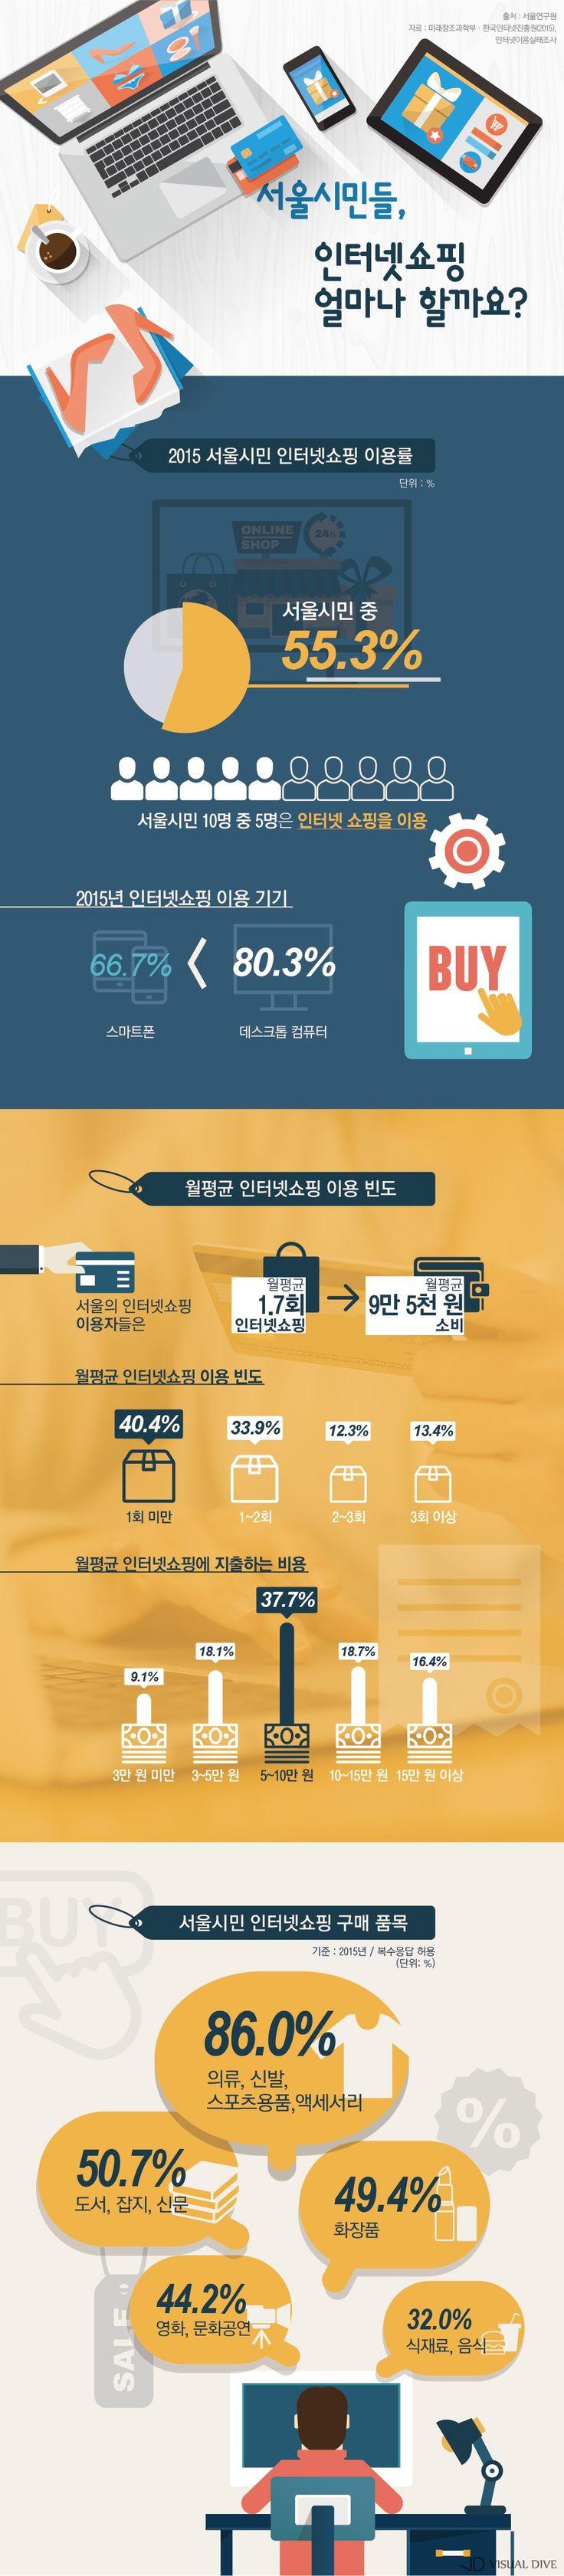 """""""서울시민들은 인터넷 쇼핑을 얼마나 할까?"""" [인포그래픽] #shopping / #Infographic ⓒ 비주얼다이브 무단 복사·전재·재배포 금지"""